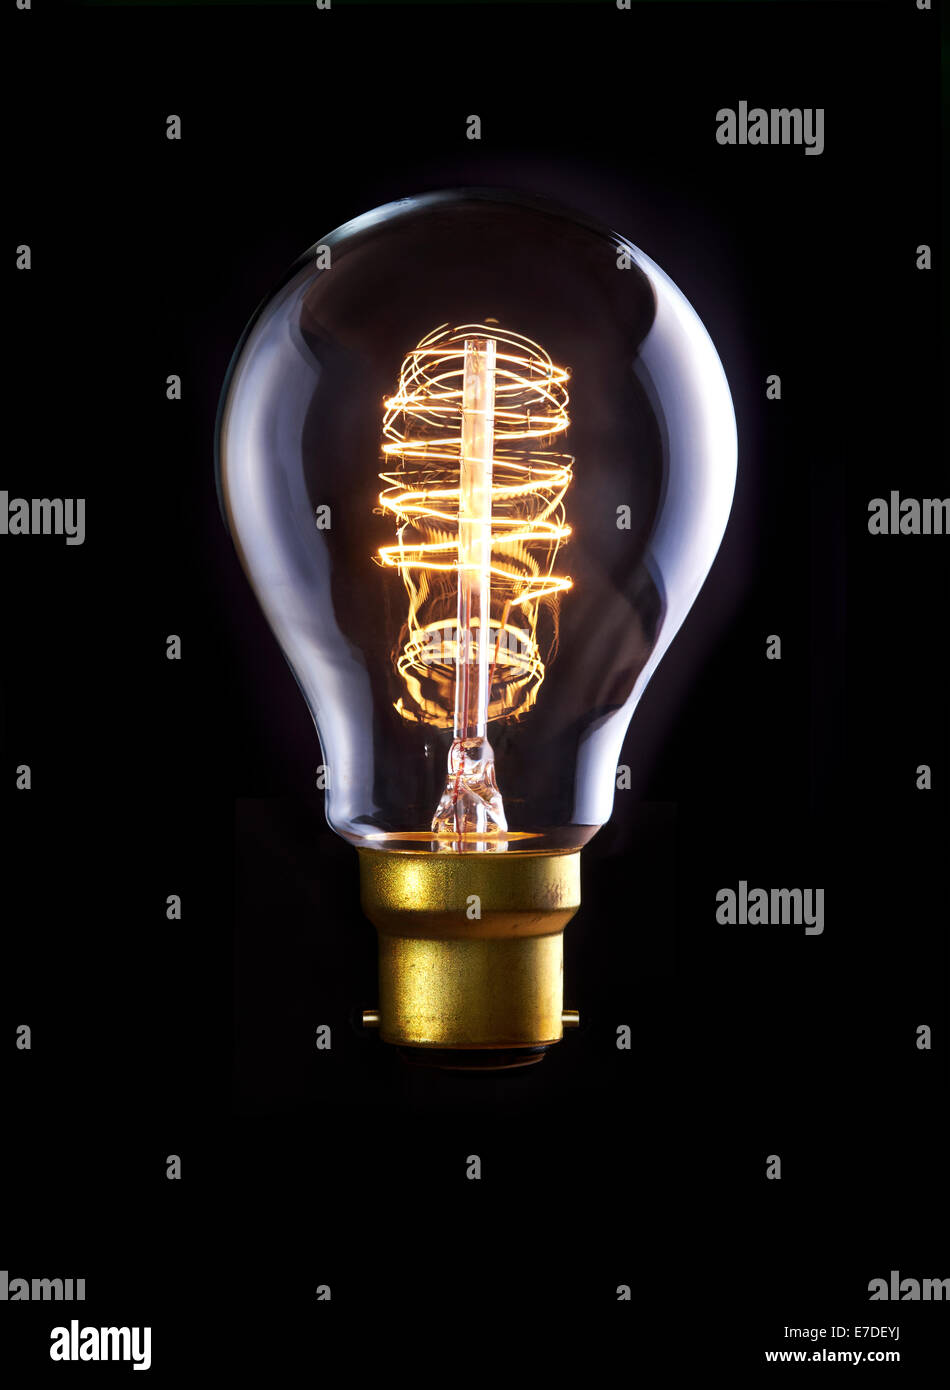 Une ampoule d'Edison classique avec une boucle filament. Sous tension. Photo Stock